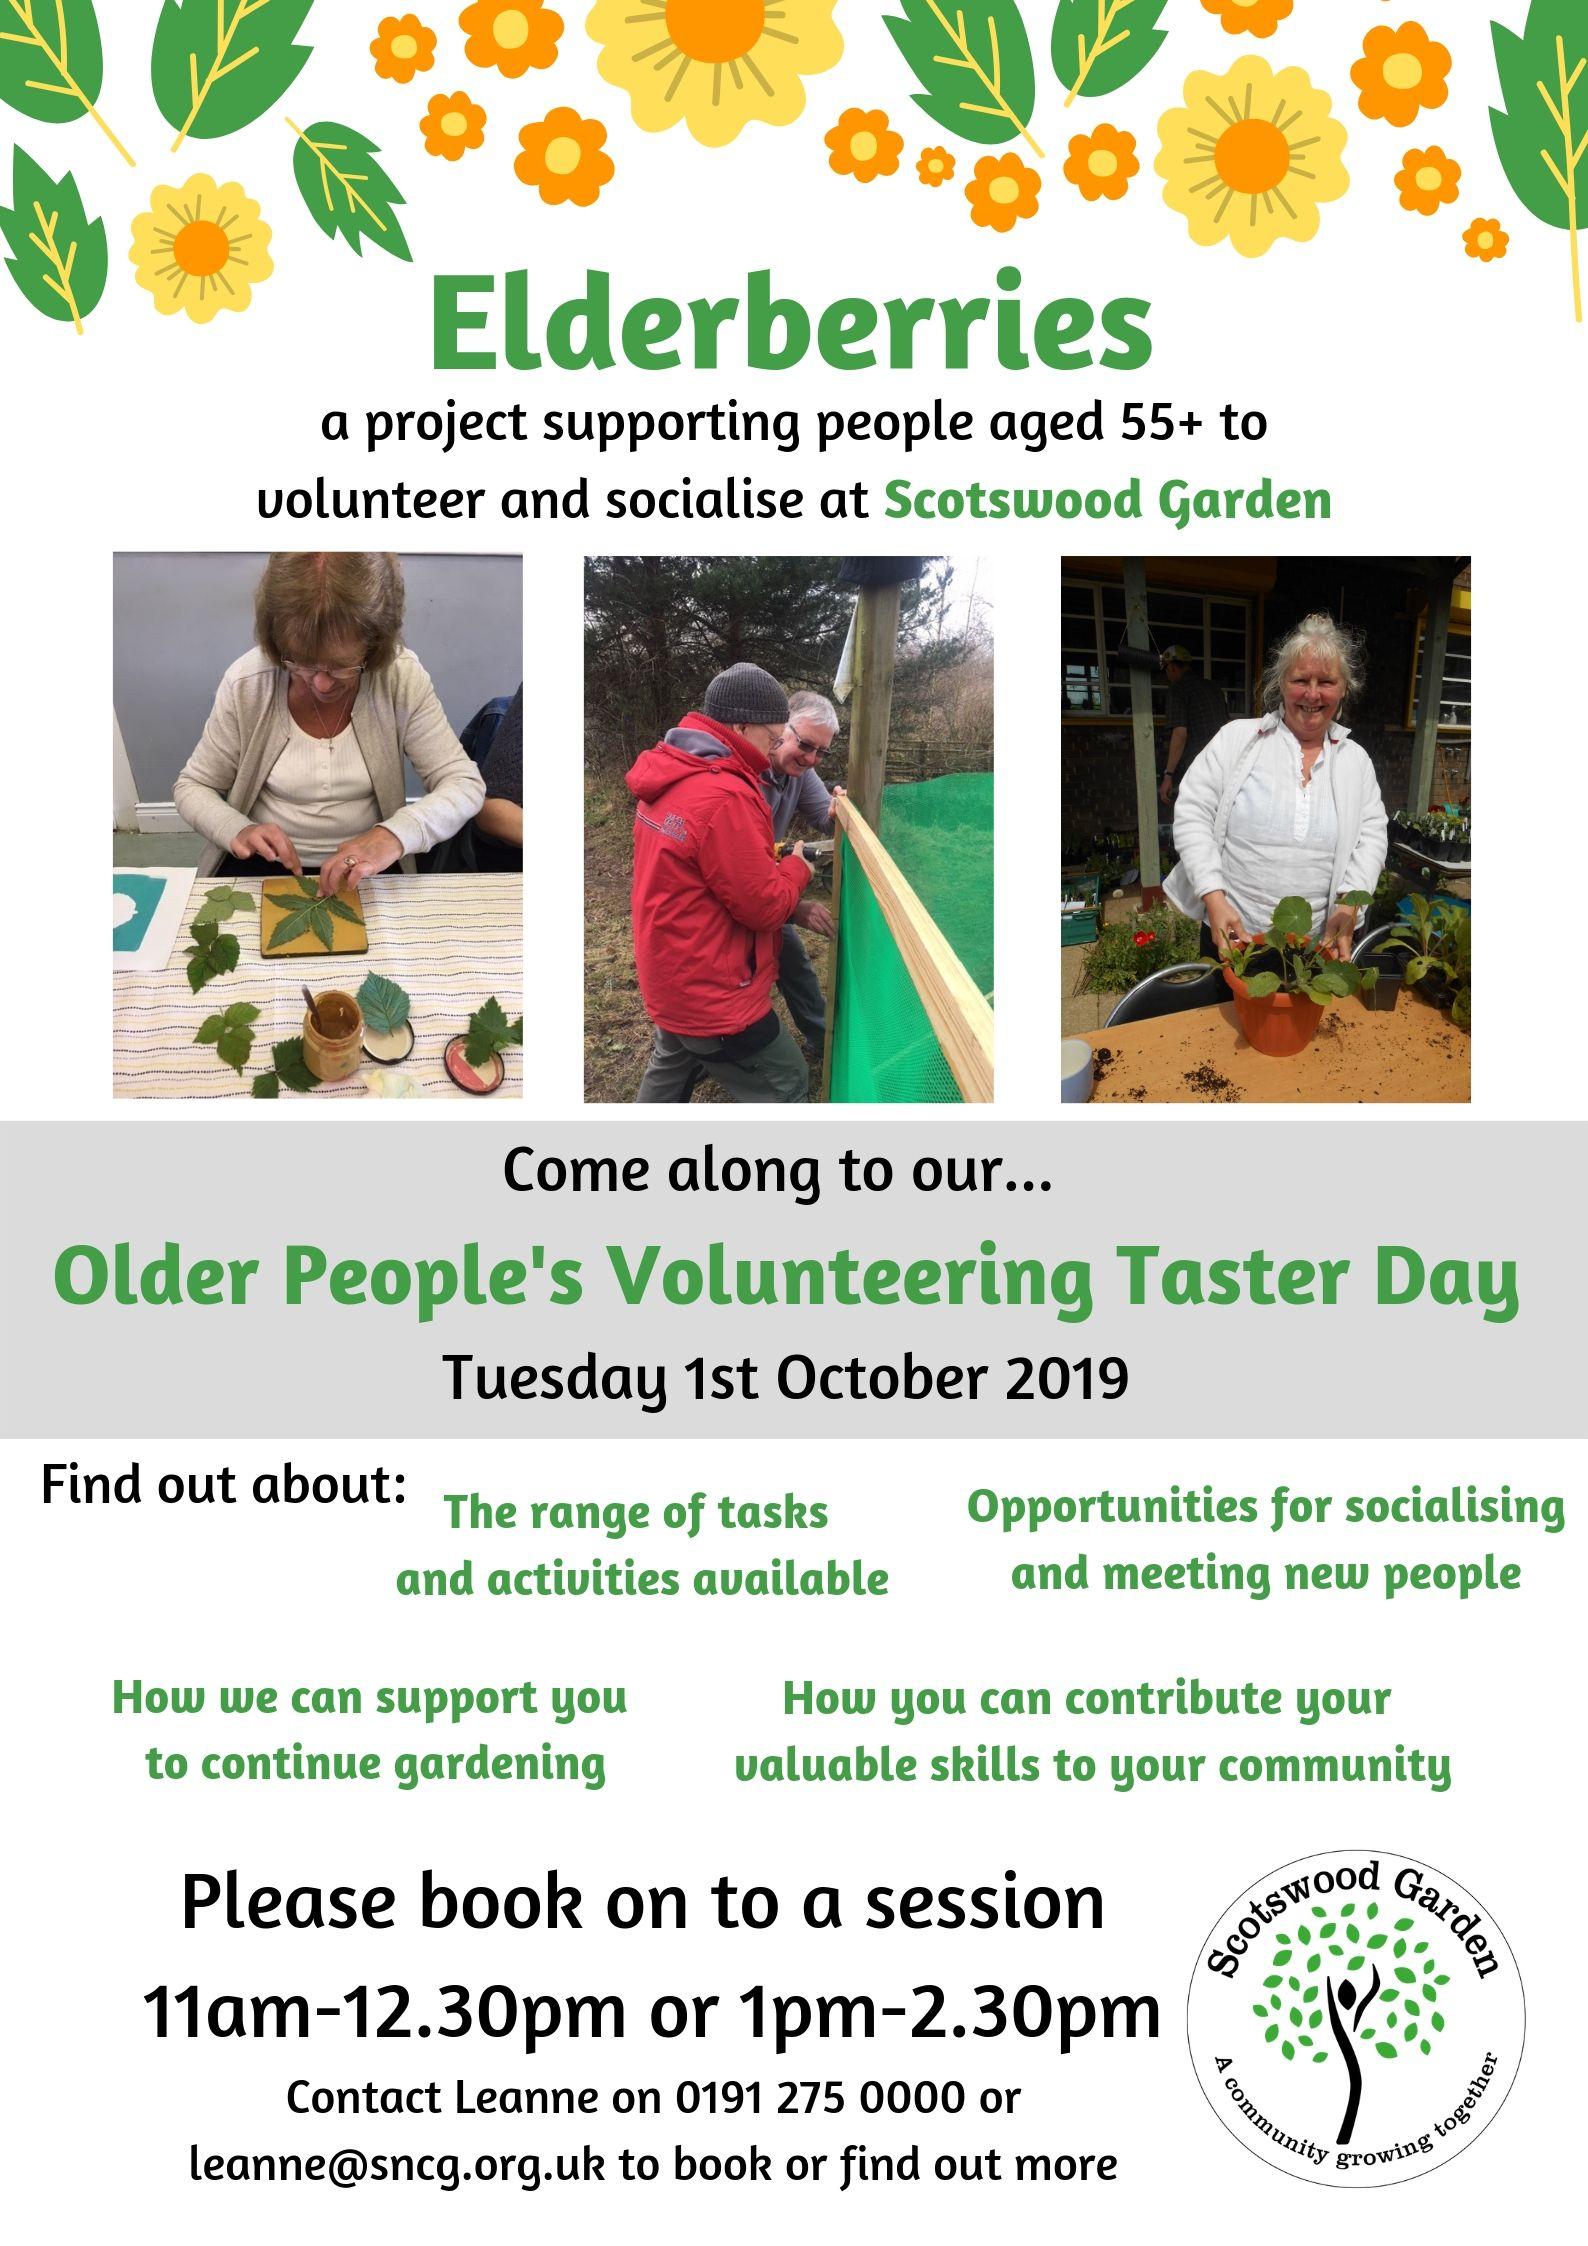 Elderberries_volunteering_taster_day.jpg